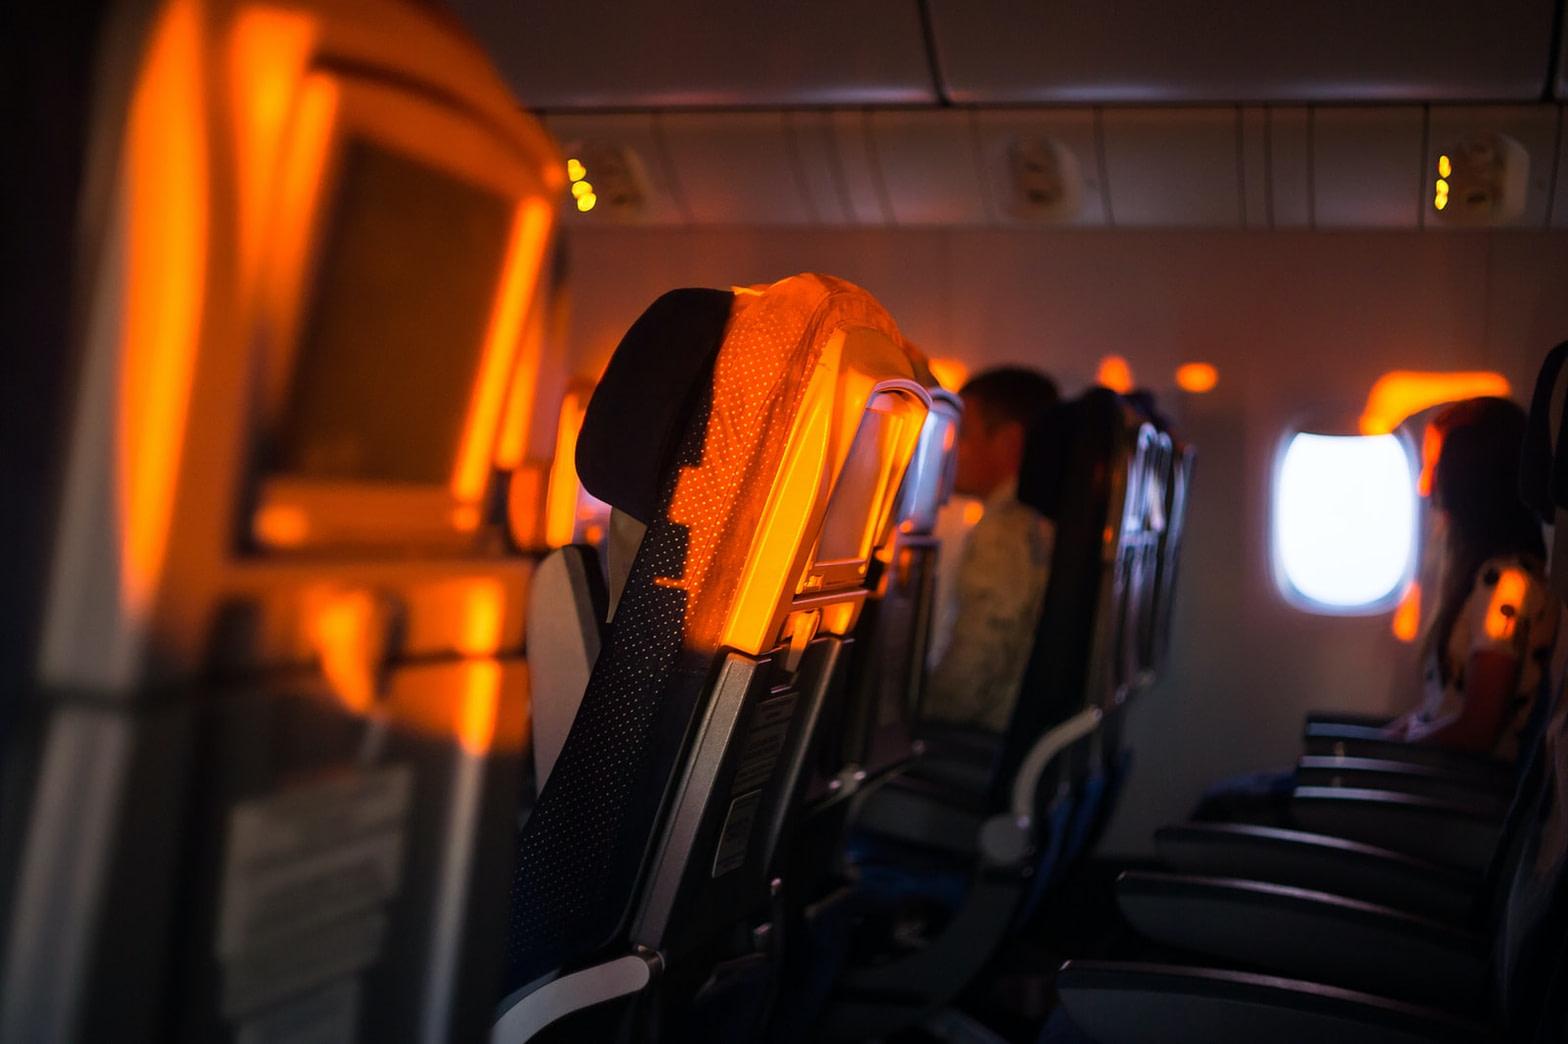 رحلات طيران طرابزون جدة TZX JED